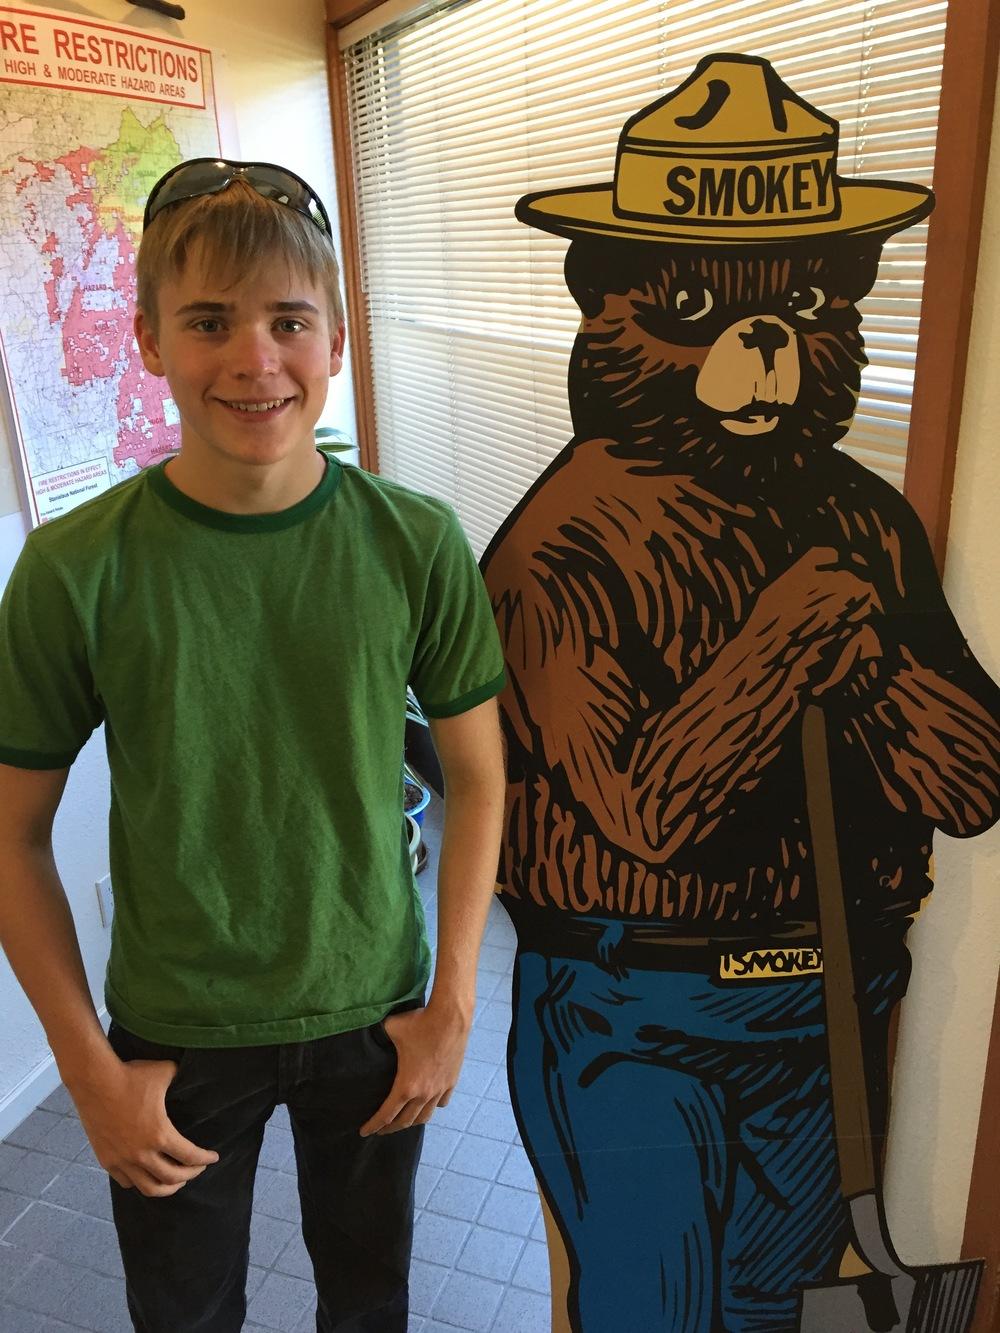 posing with Smokey